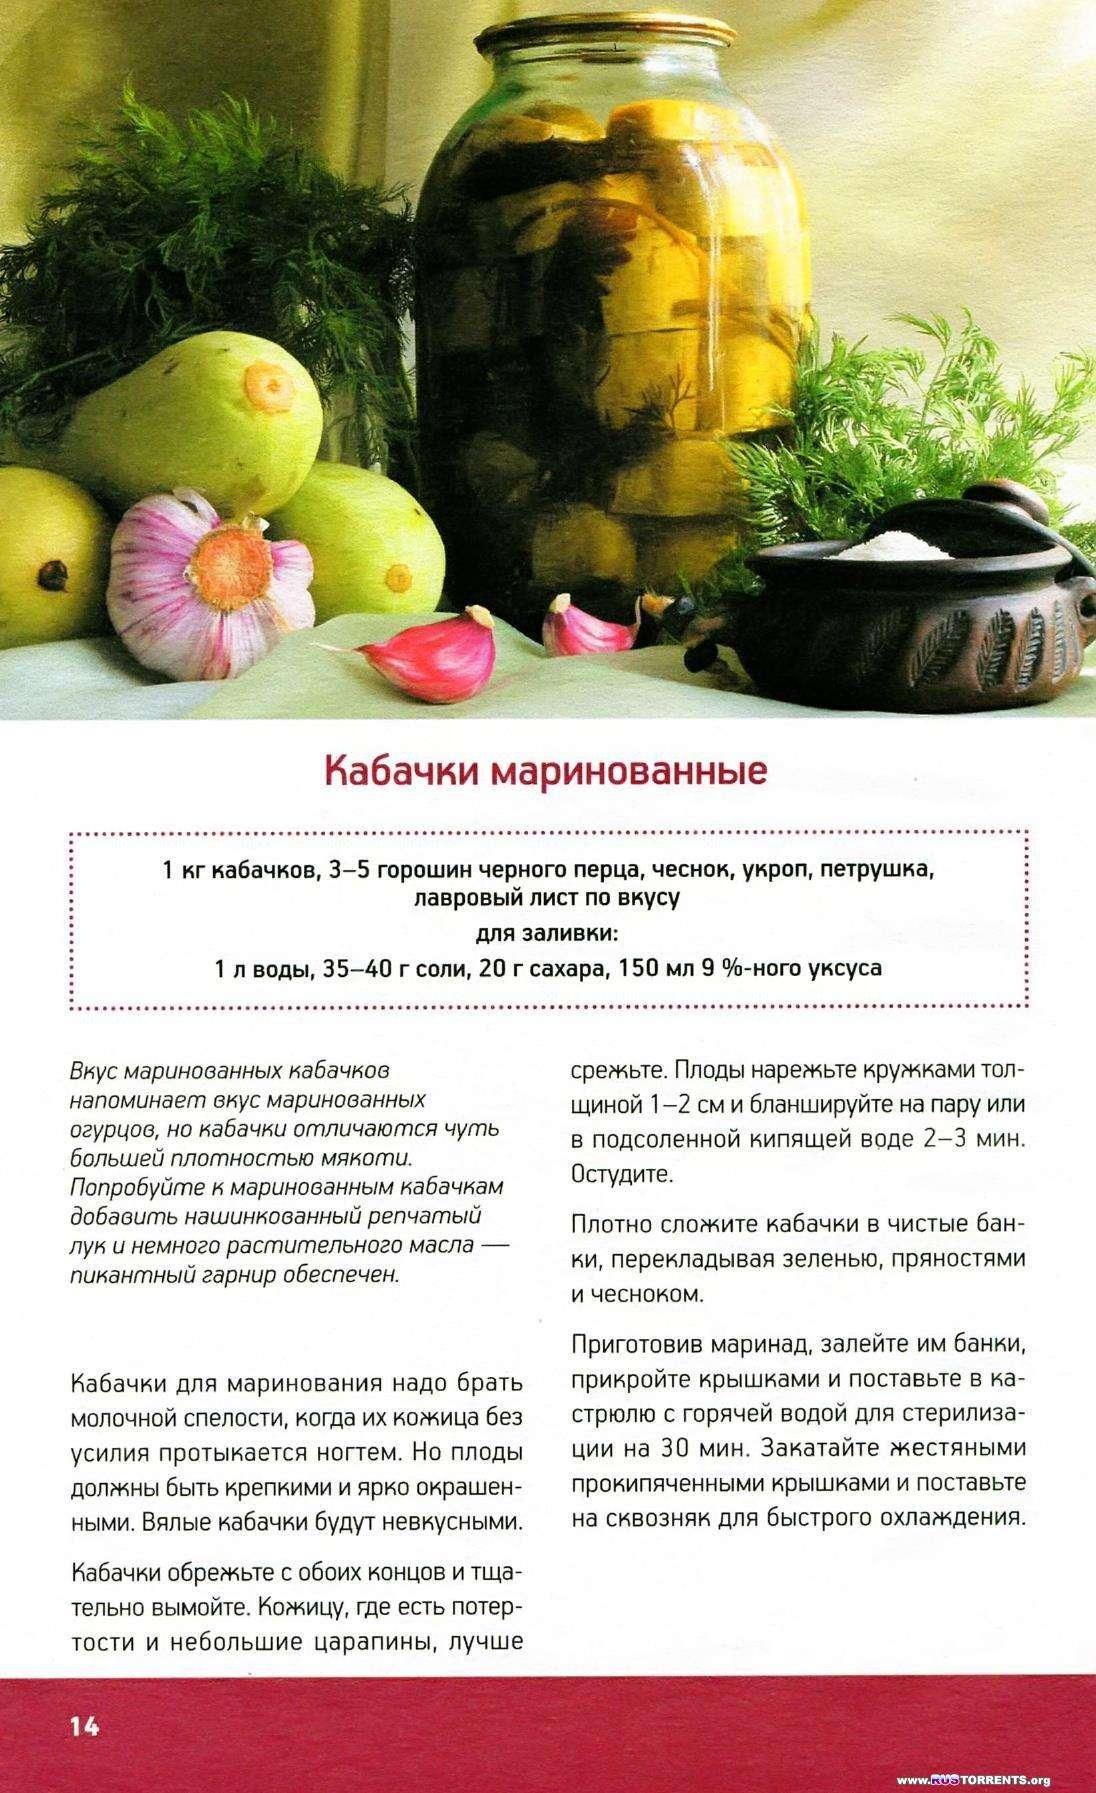 Домашние маринады | PDF